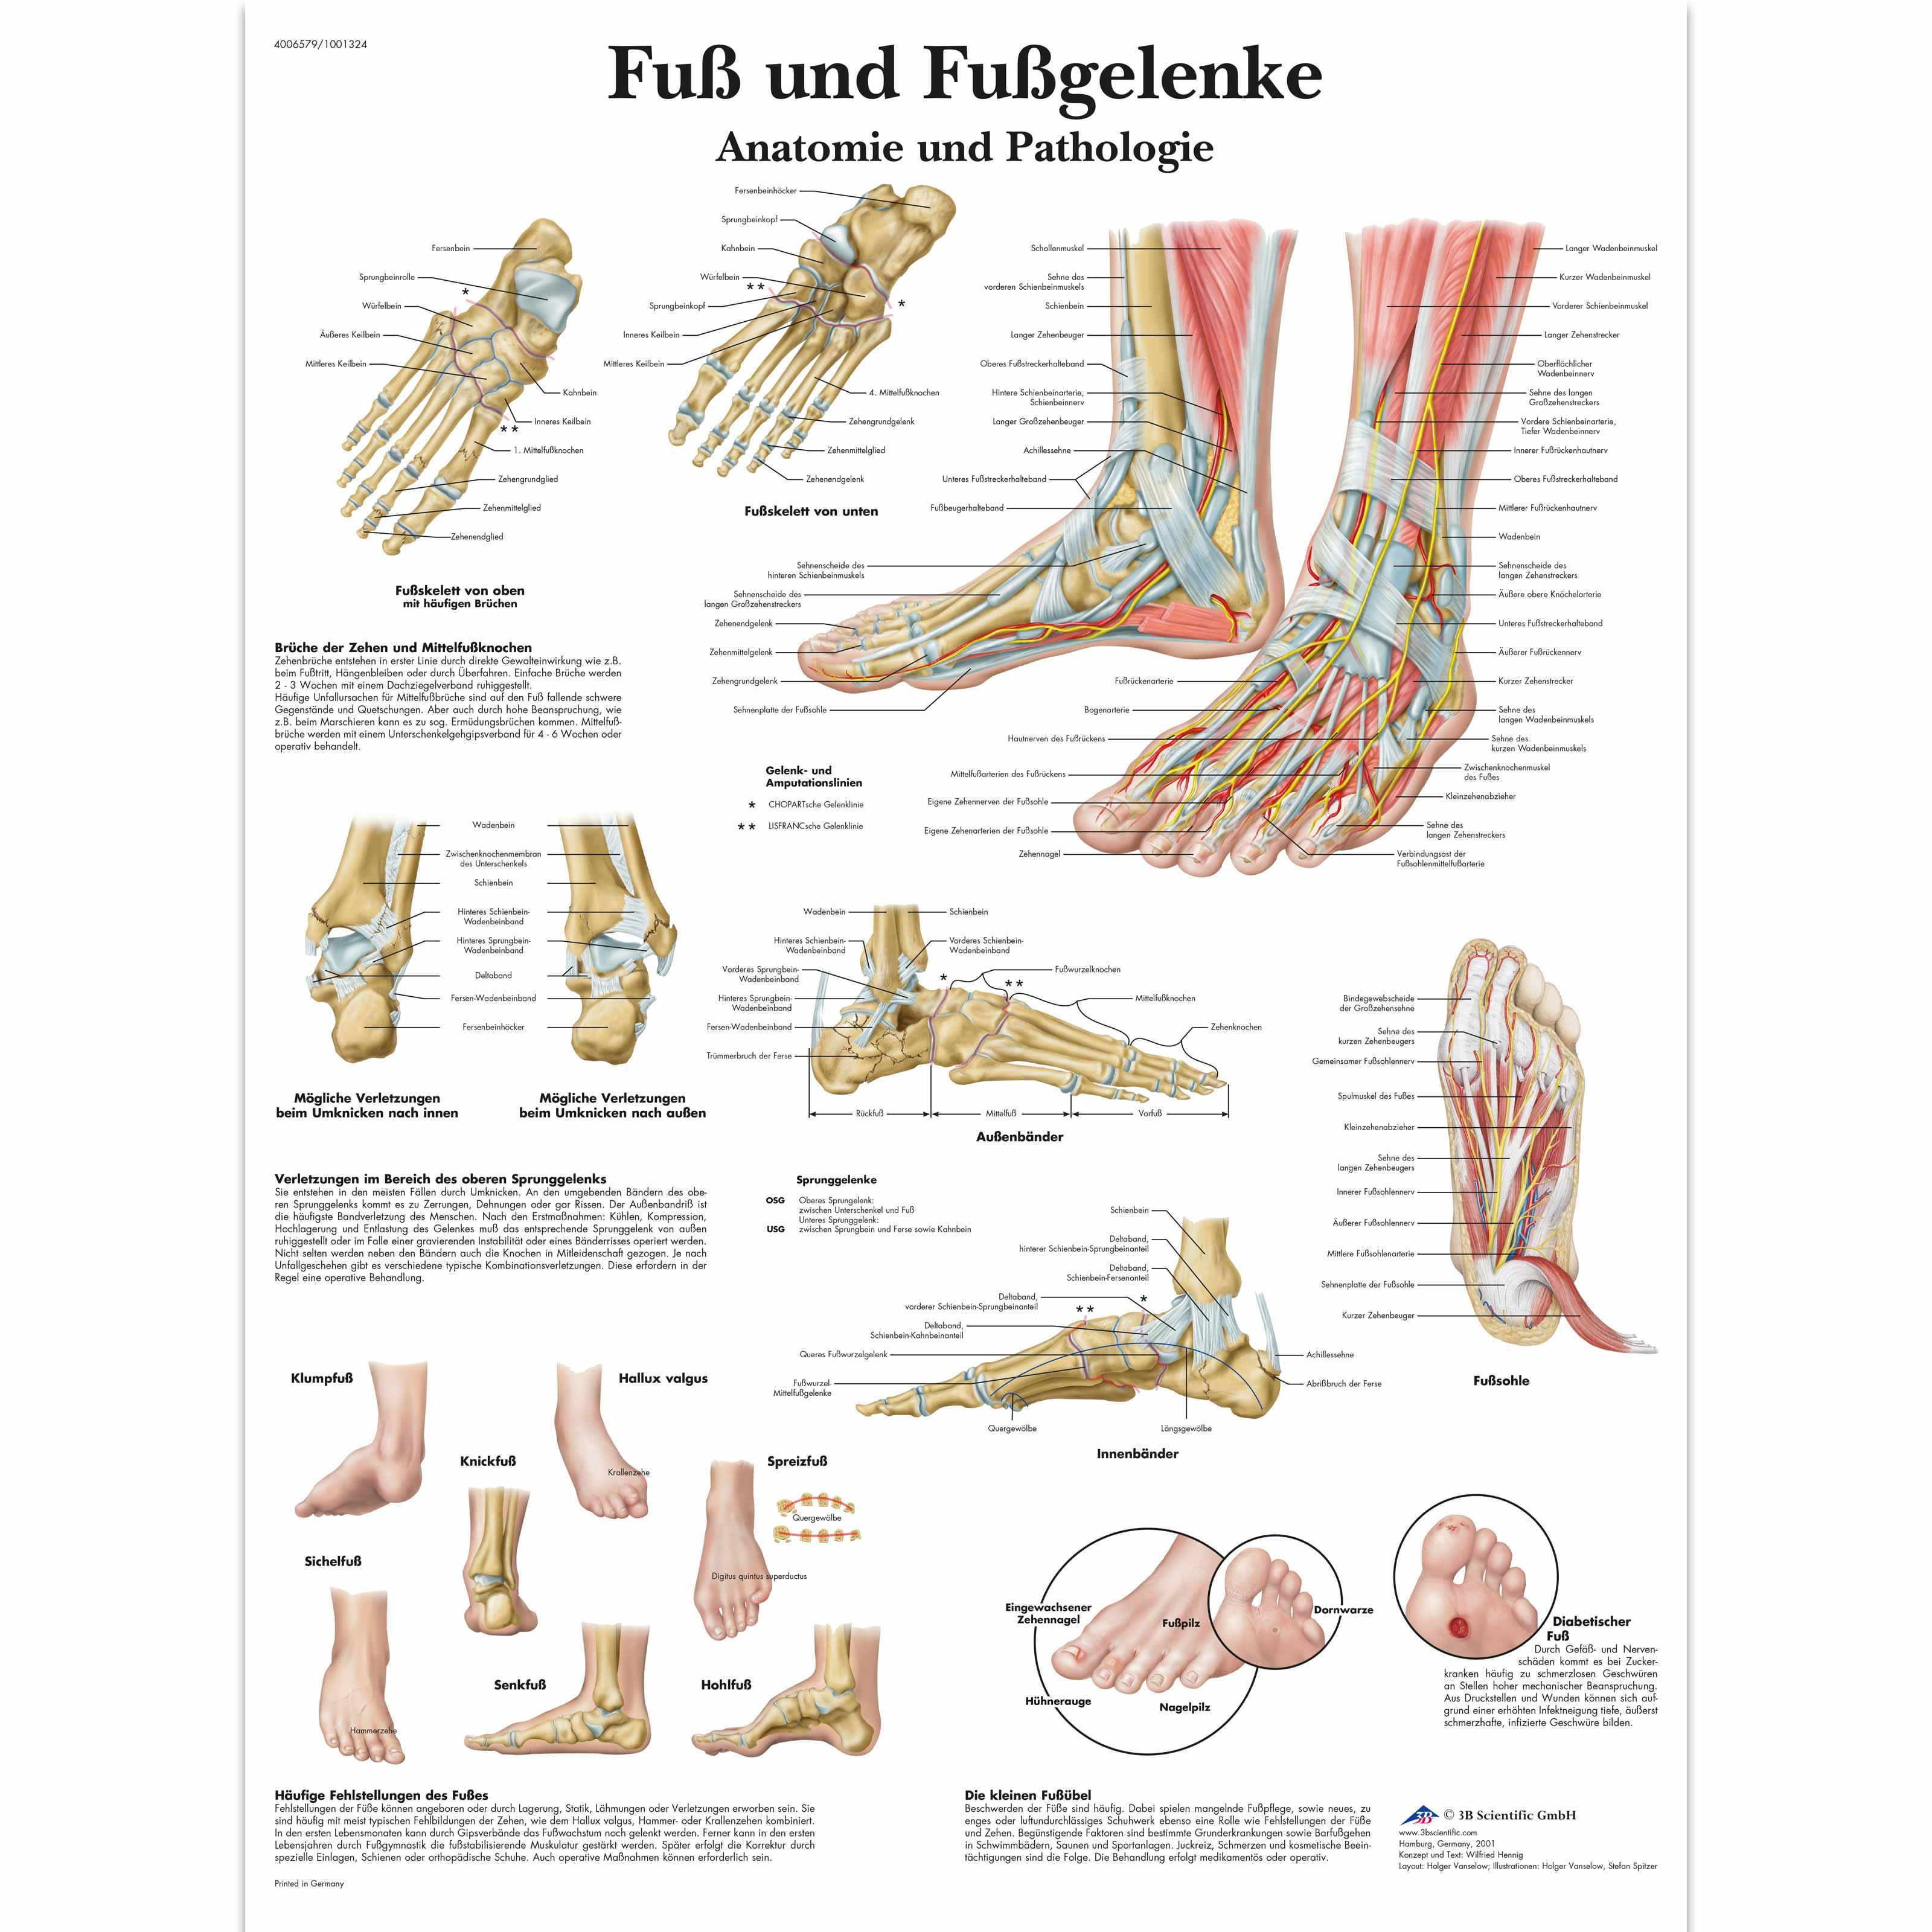 Fuß und Fußgelenke - Anatomie und Pathologie - 1001324 - VR0176L ...